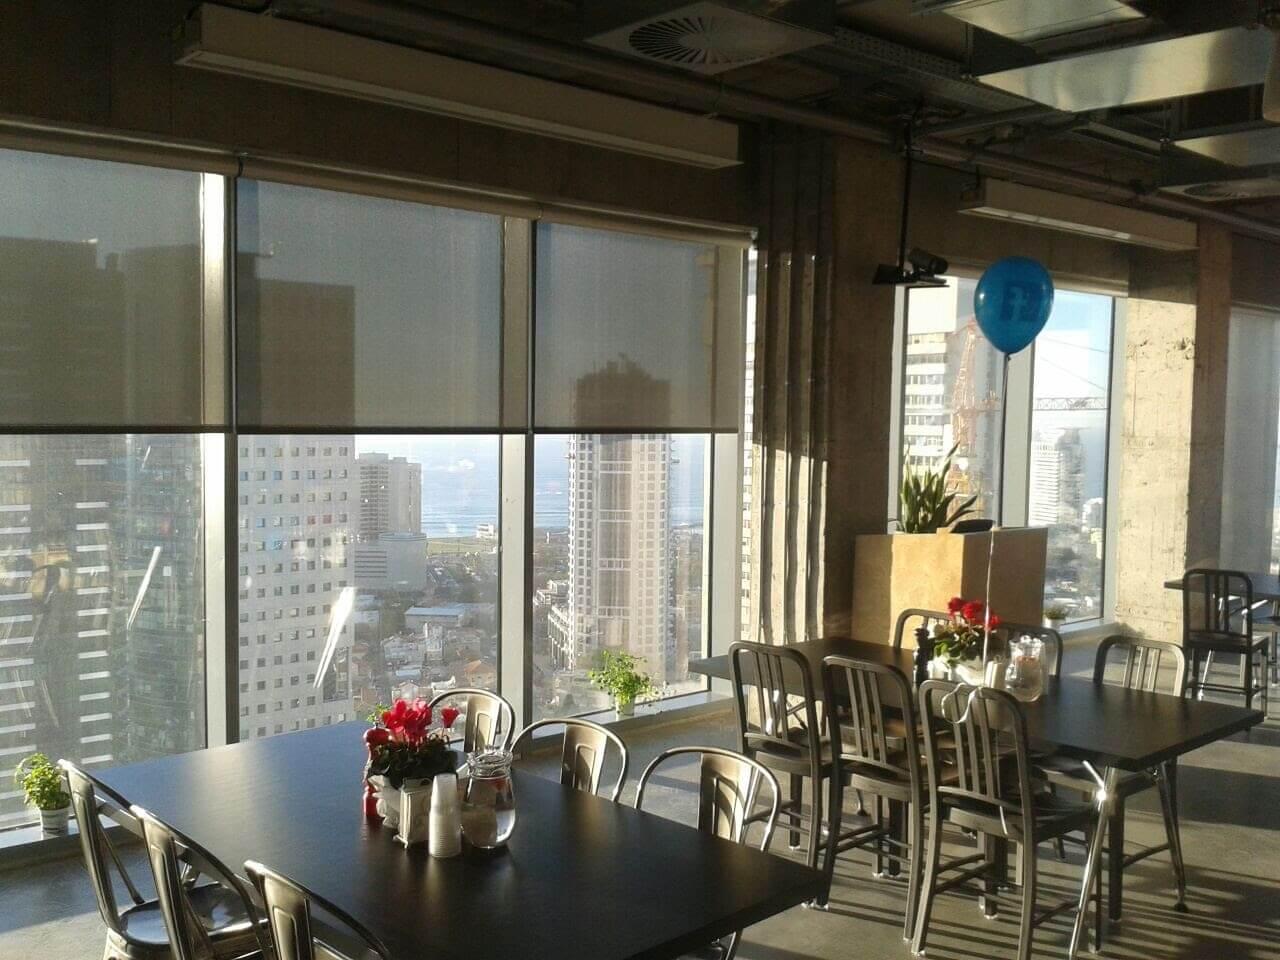 וילונות מגוונים עבור בנייני משרדים ברחבי הארץ